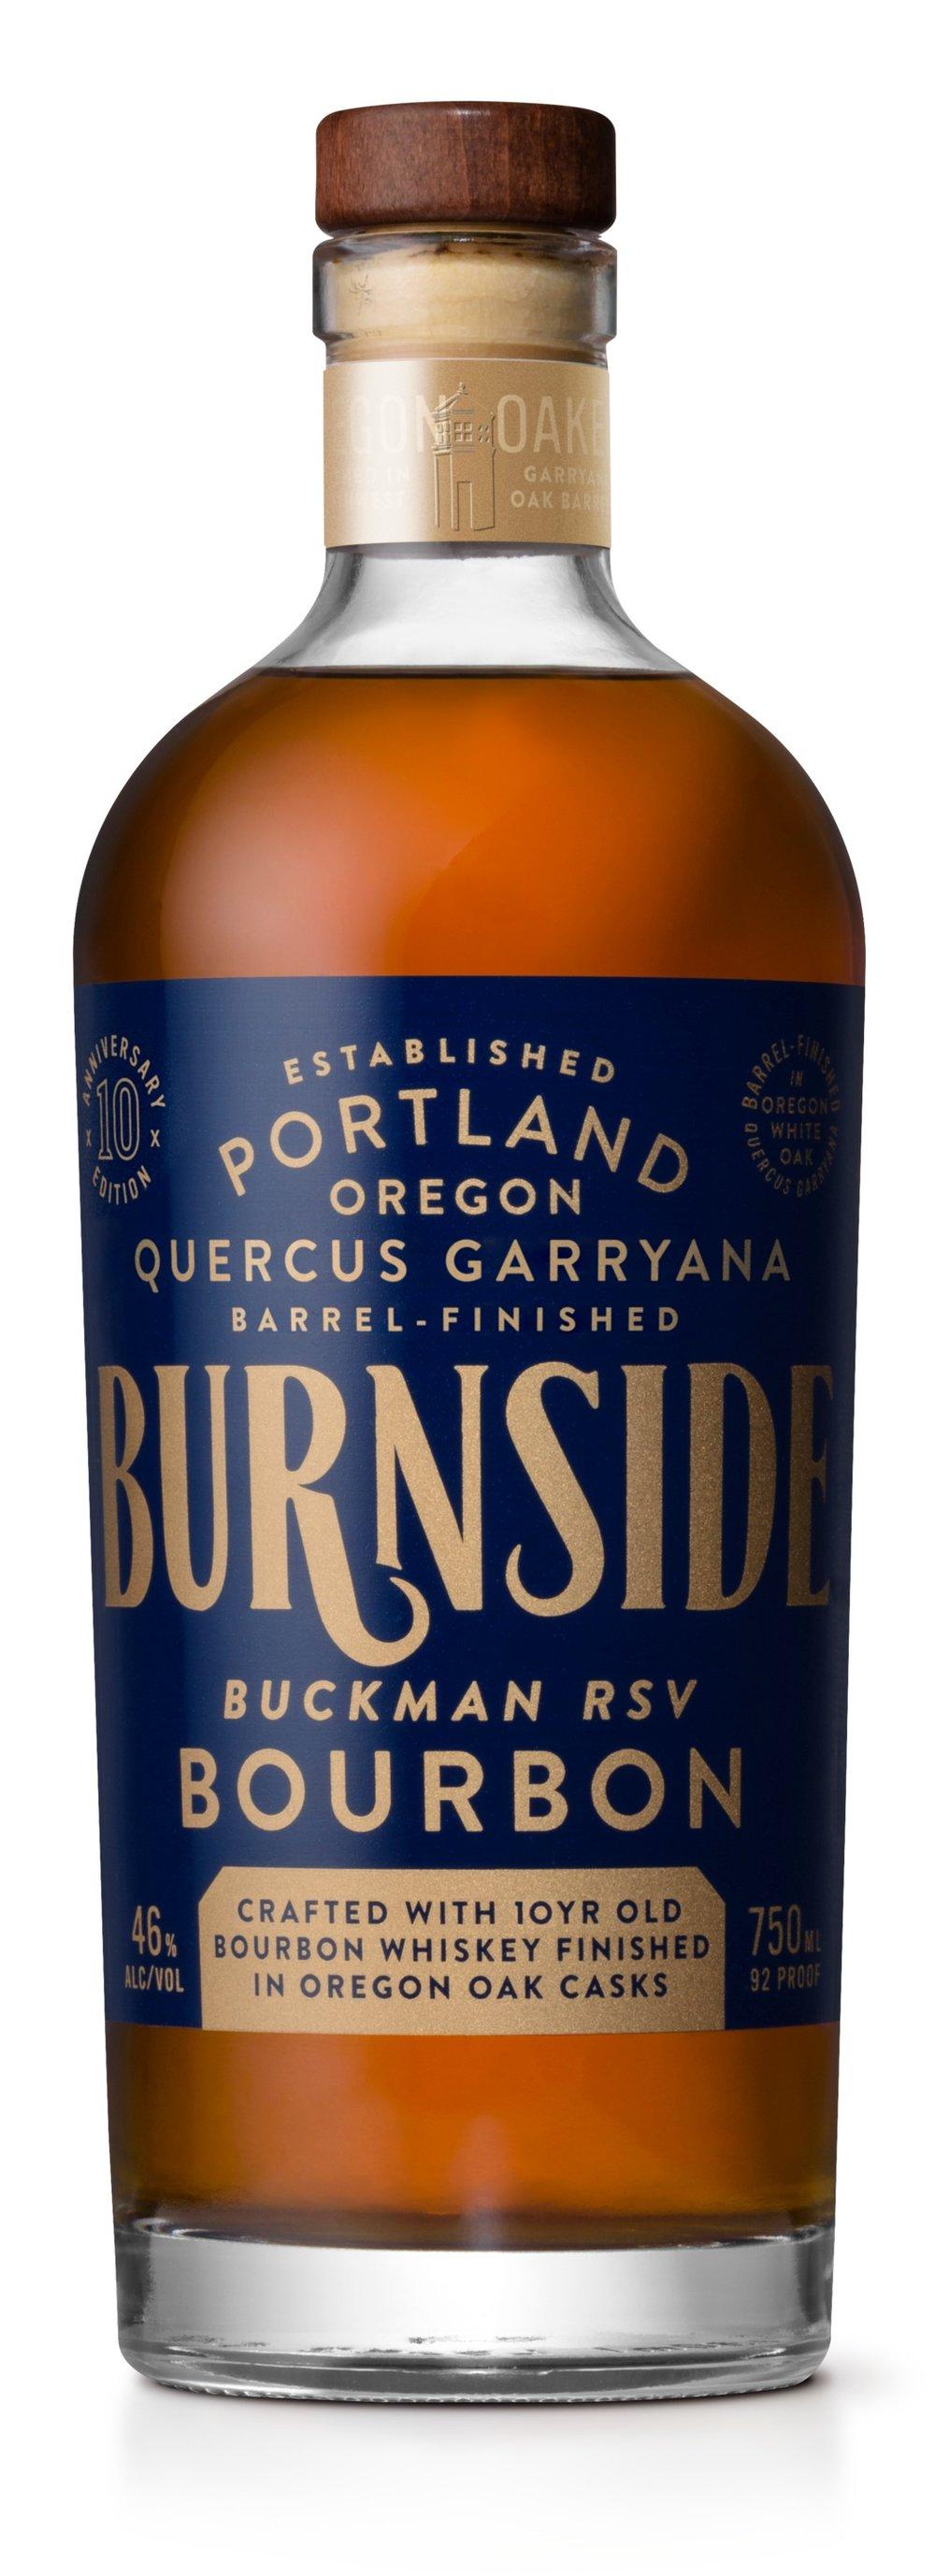 Buckman_RSV_Bourbon_10YR.jpg